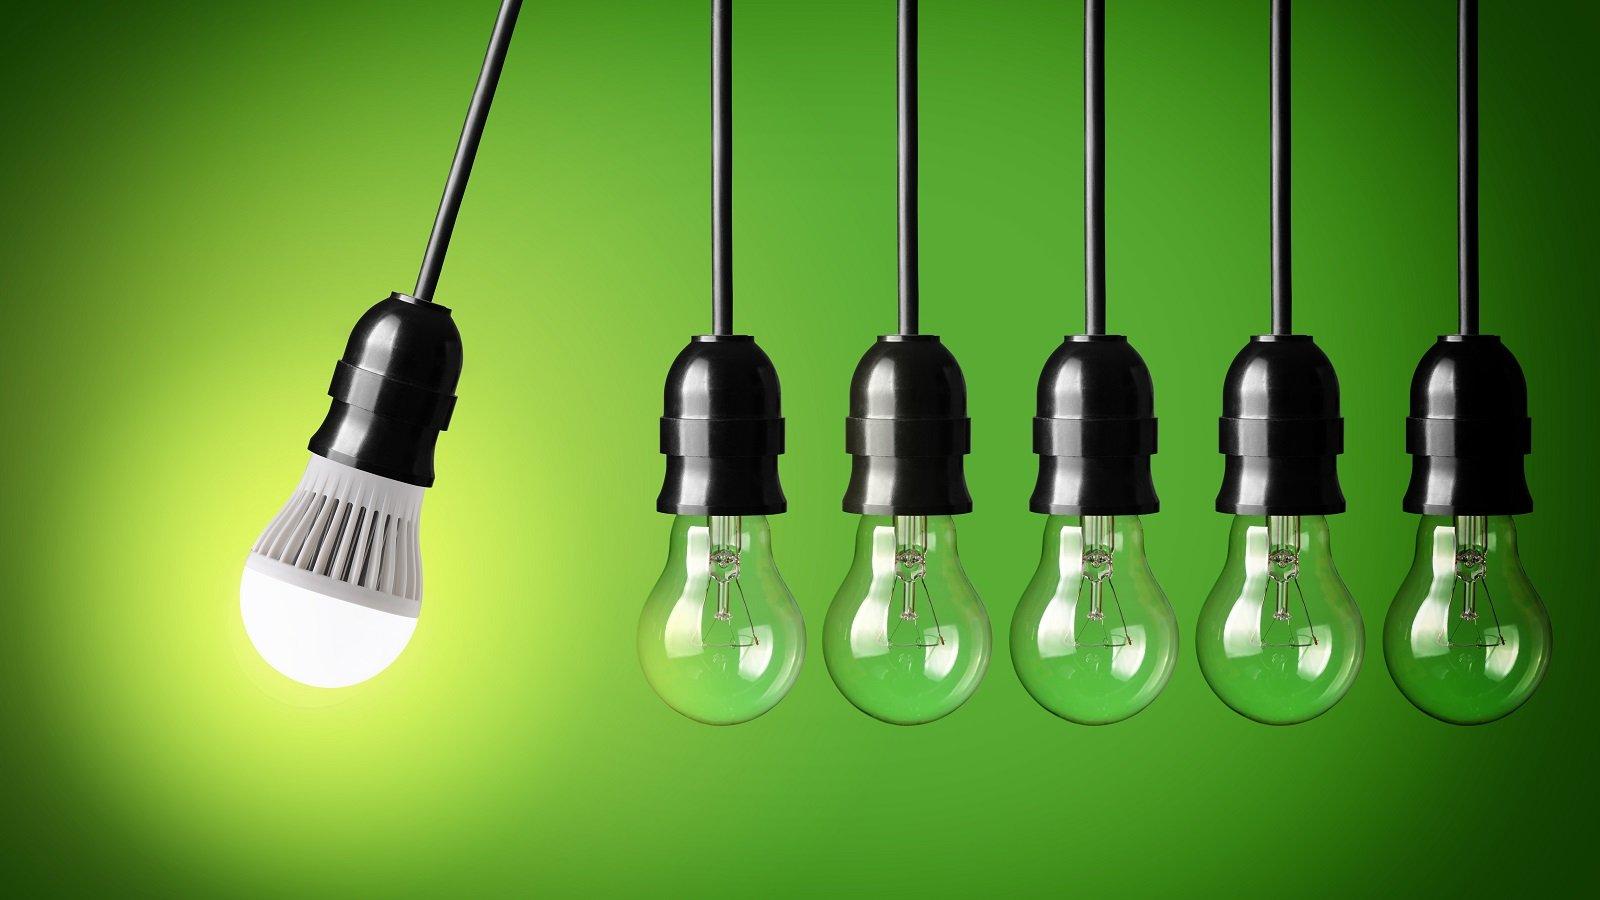 lampadine su sfondo verde